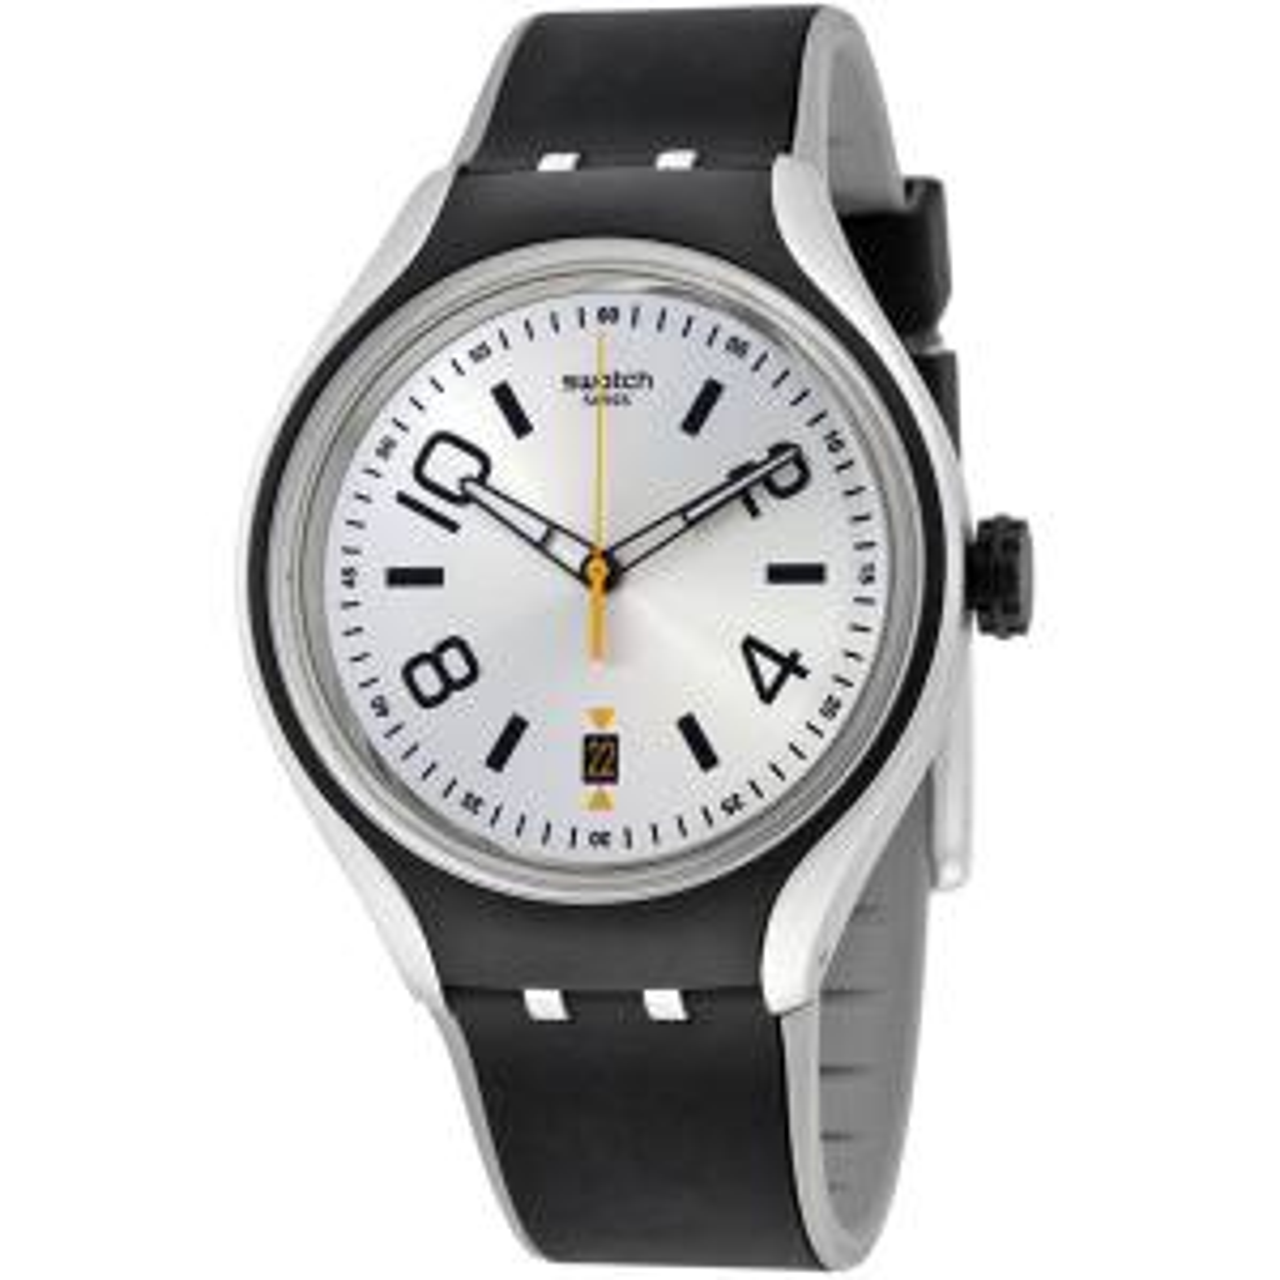 ساعت مچی عقربه ای مردانه سواچ مدل YES4010